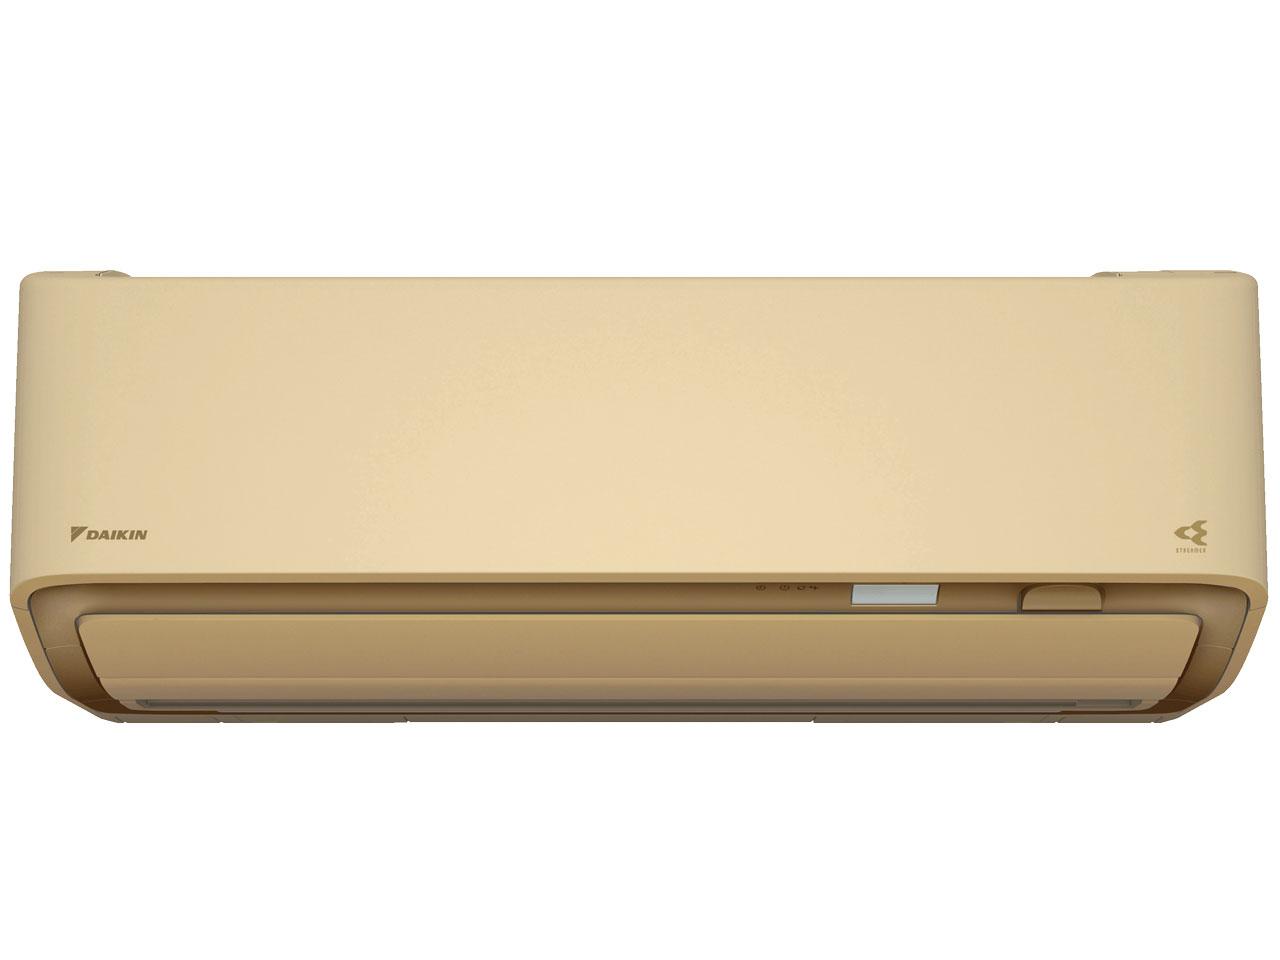 ダイキン 19年モデル AXシリーズ S56WTAXV-C 【200V用 電源直結型】18畳用冷暖房除湿エアコン